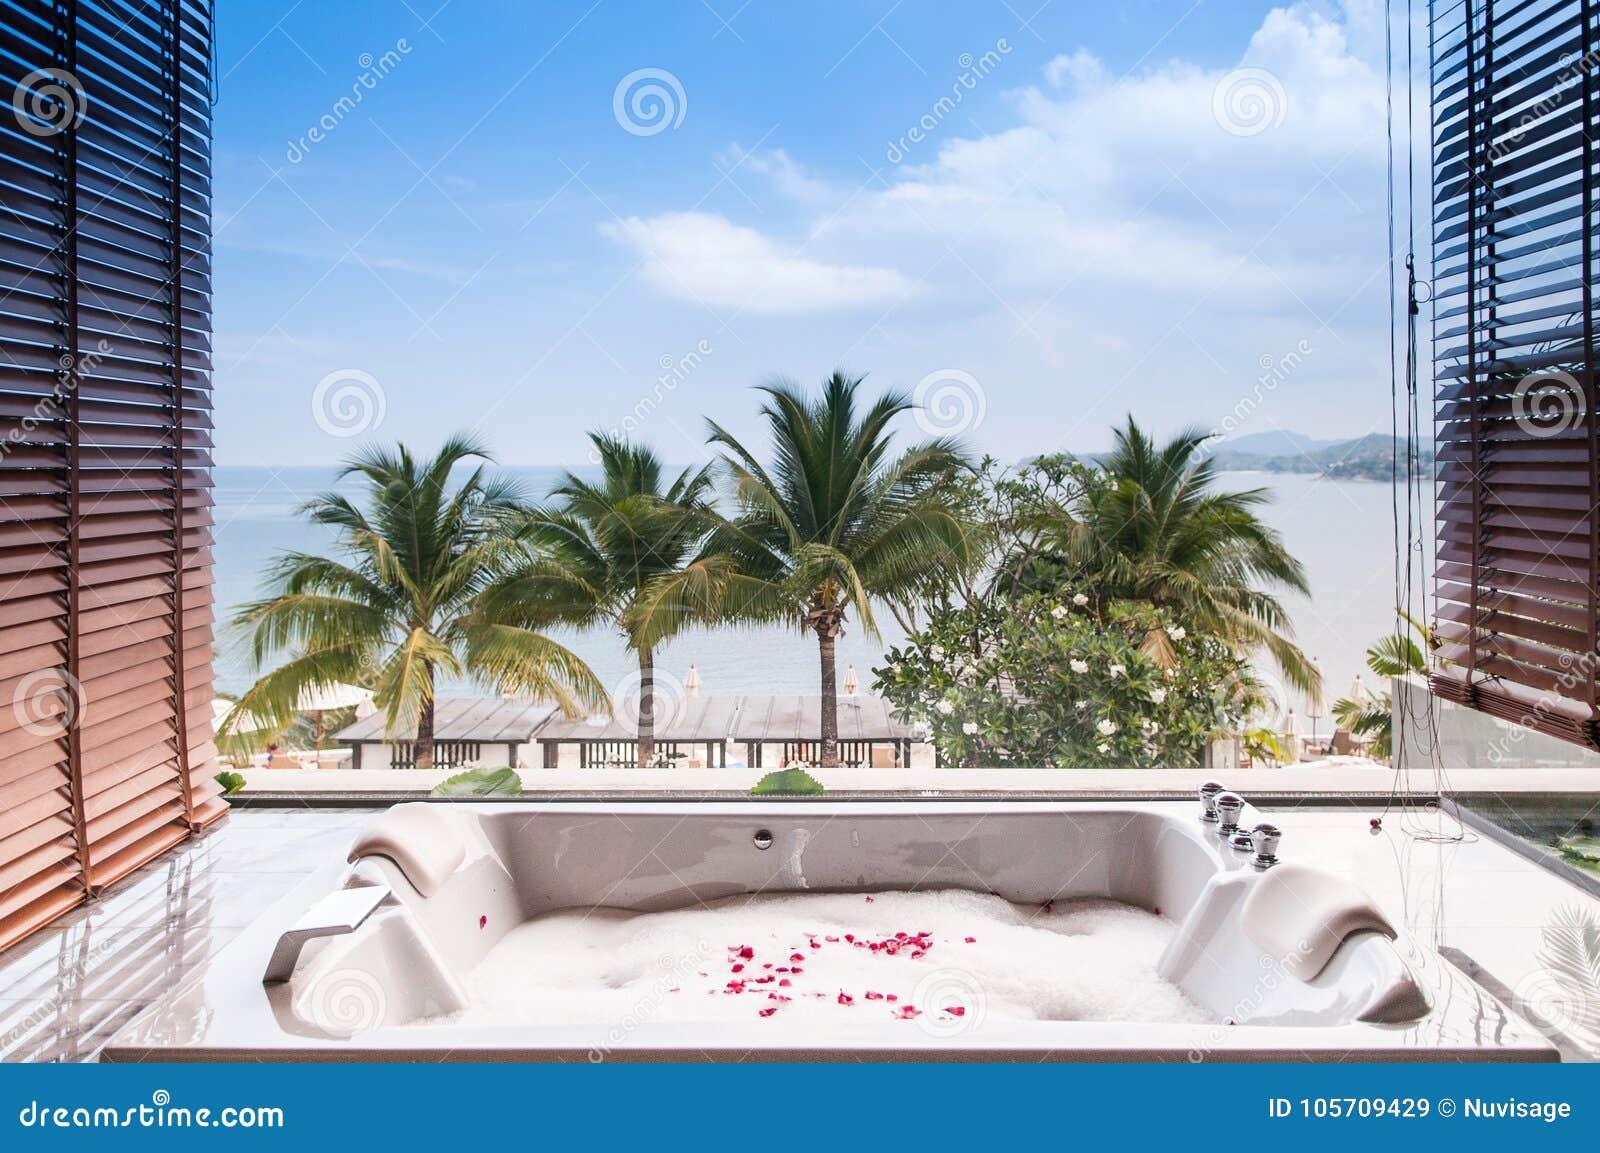 Vasca Da Bagno Vista : Vasca da bagno con schiuma e fiore con la vista del mare a phuket